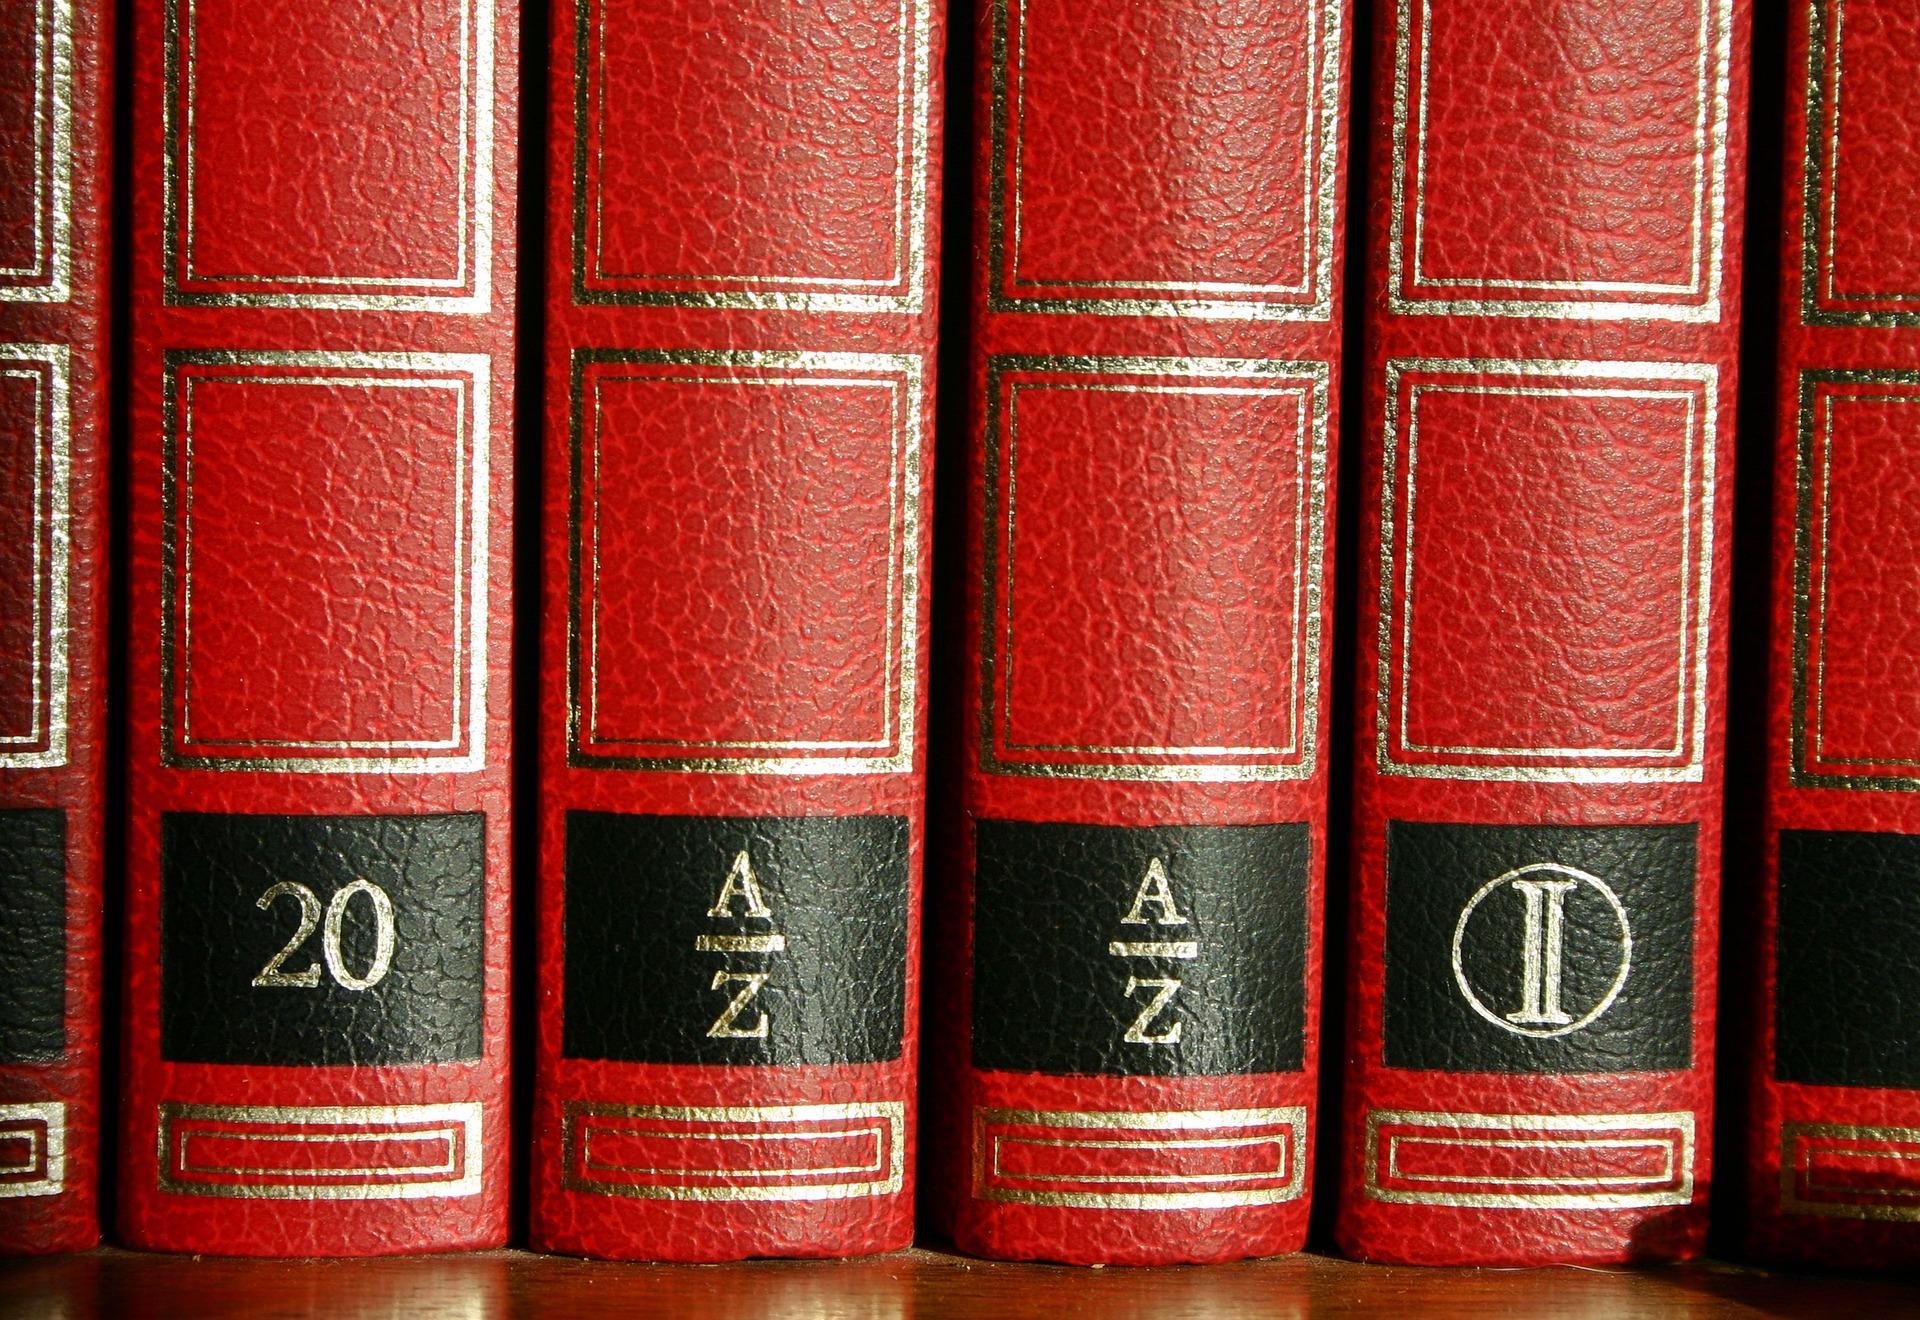 lexicon-2021953_1920